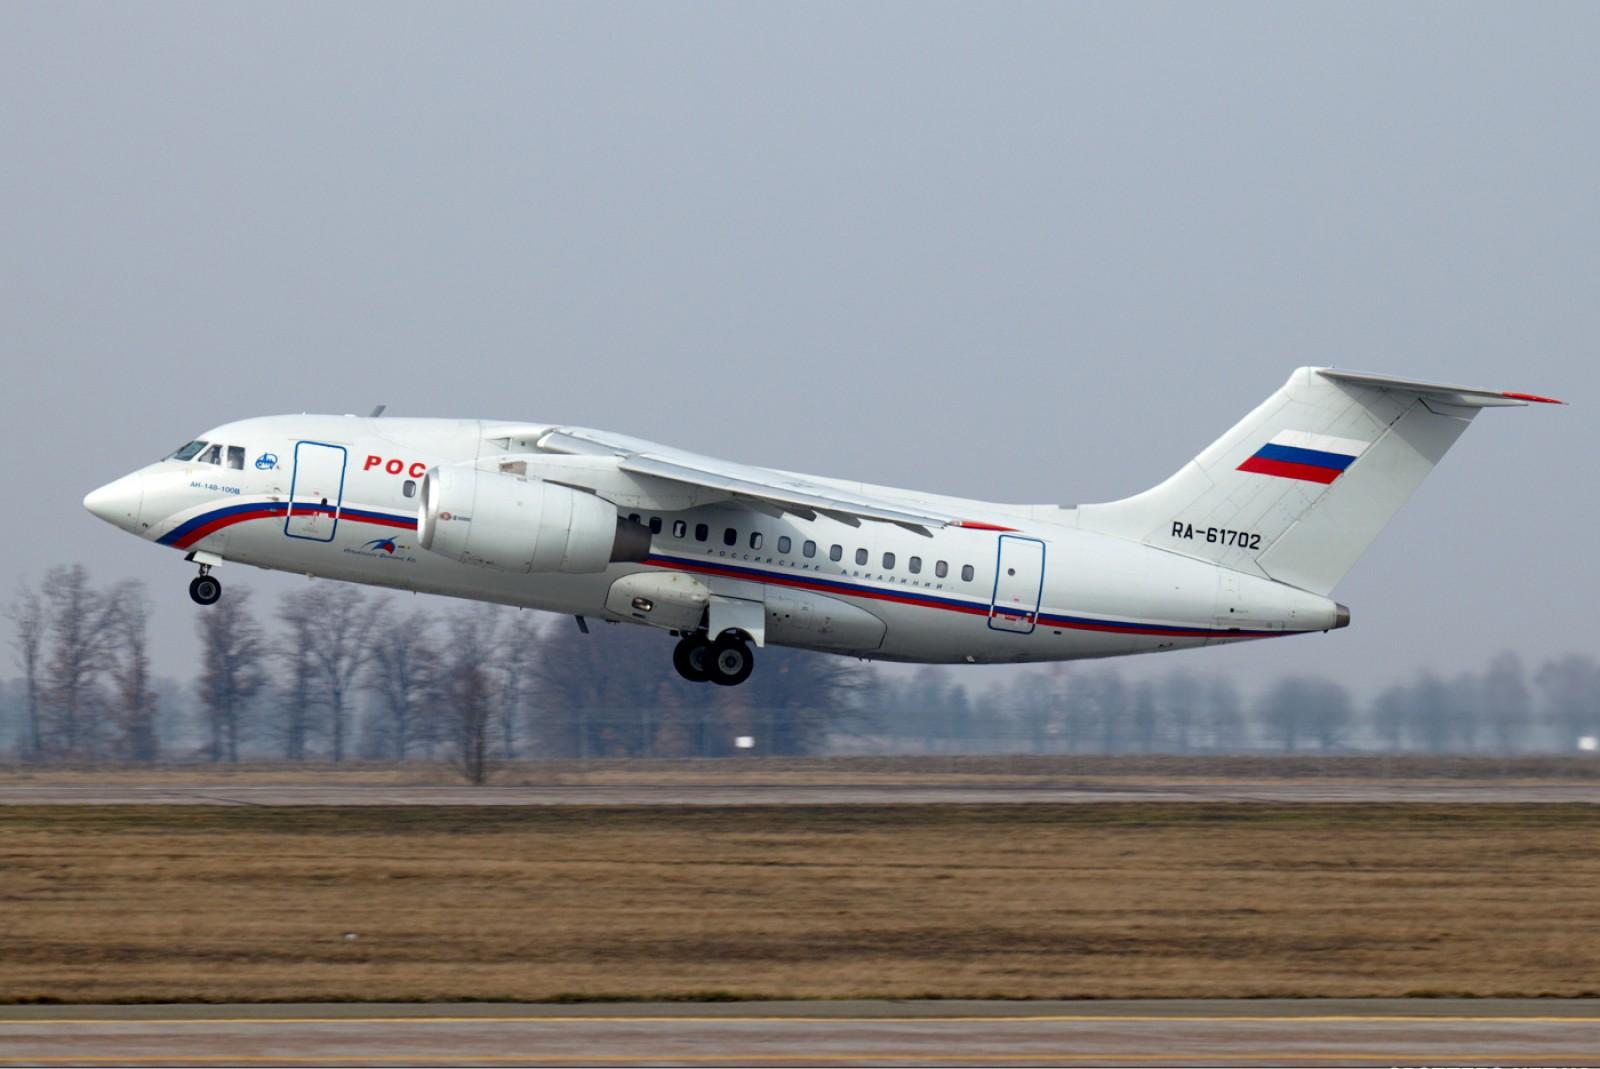 (update/video) Tragedia aviatică din Rusia: Imagini de la locul prăbușirii aeronavei